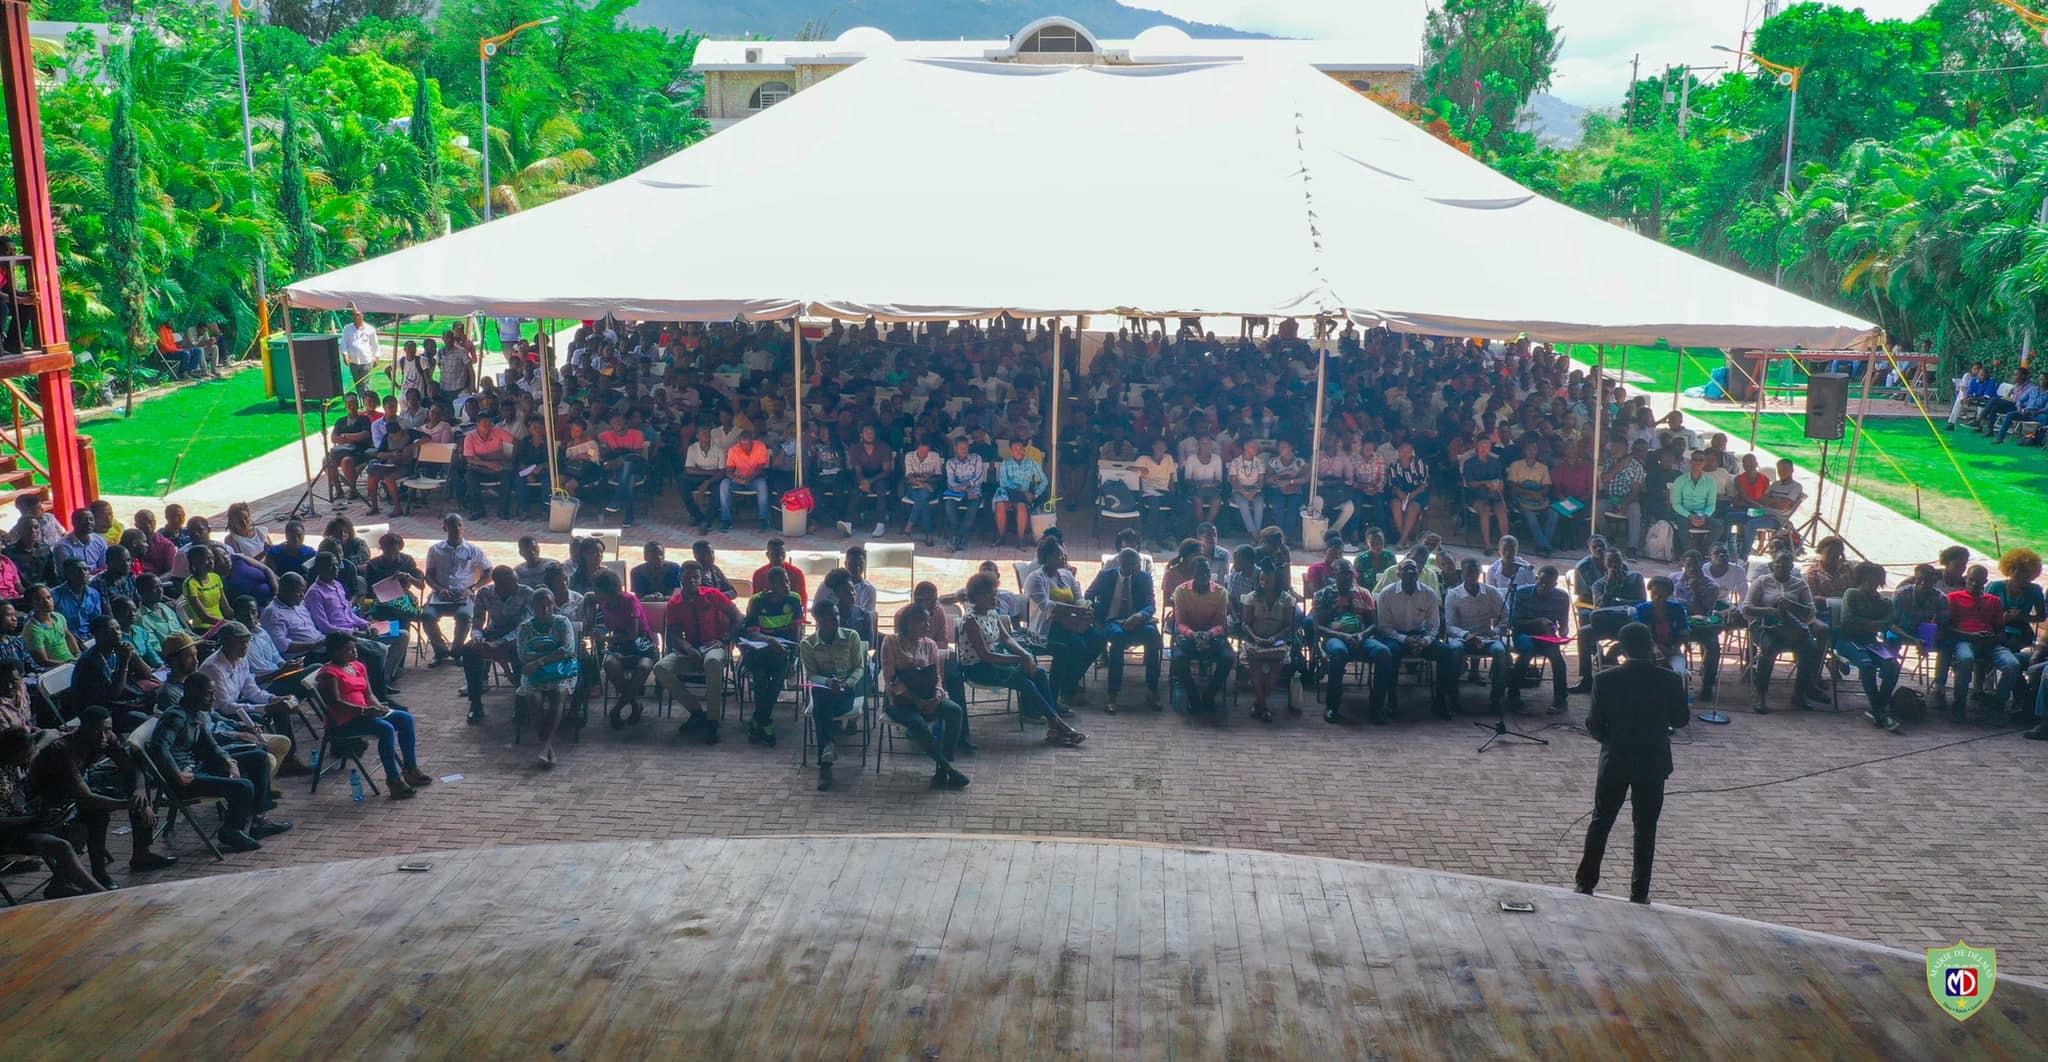 Près de 1, 500 jeunes participent au programme de sensibilisation fiscale lancée par la mairie de Delmas depuis le lundi 5 aout et qui se poursuit jusqu'au dimanche 11./Photo: Mairie de Delmas.